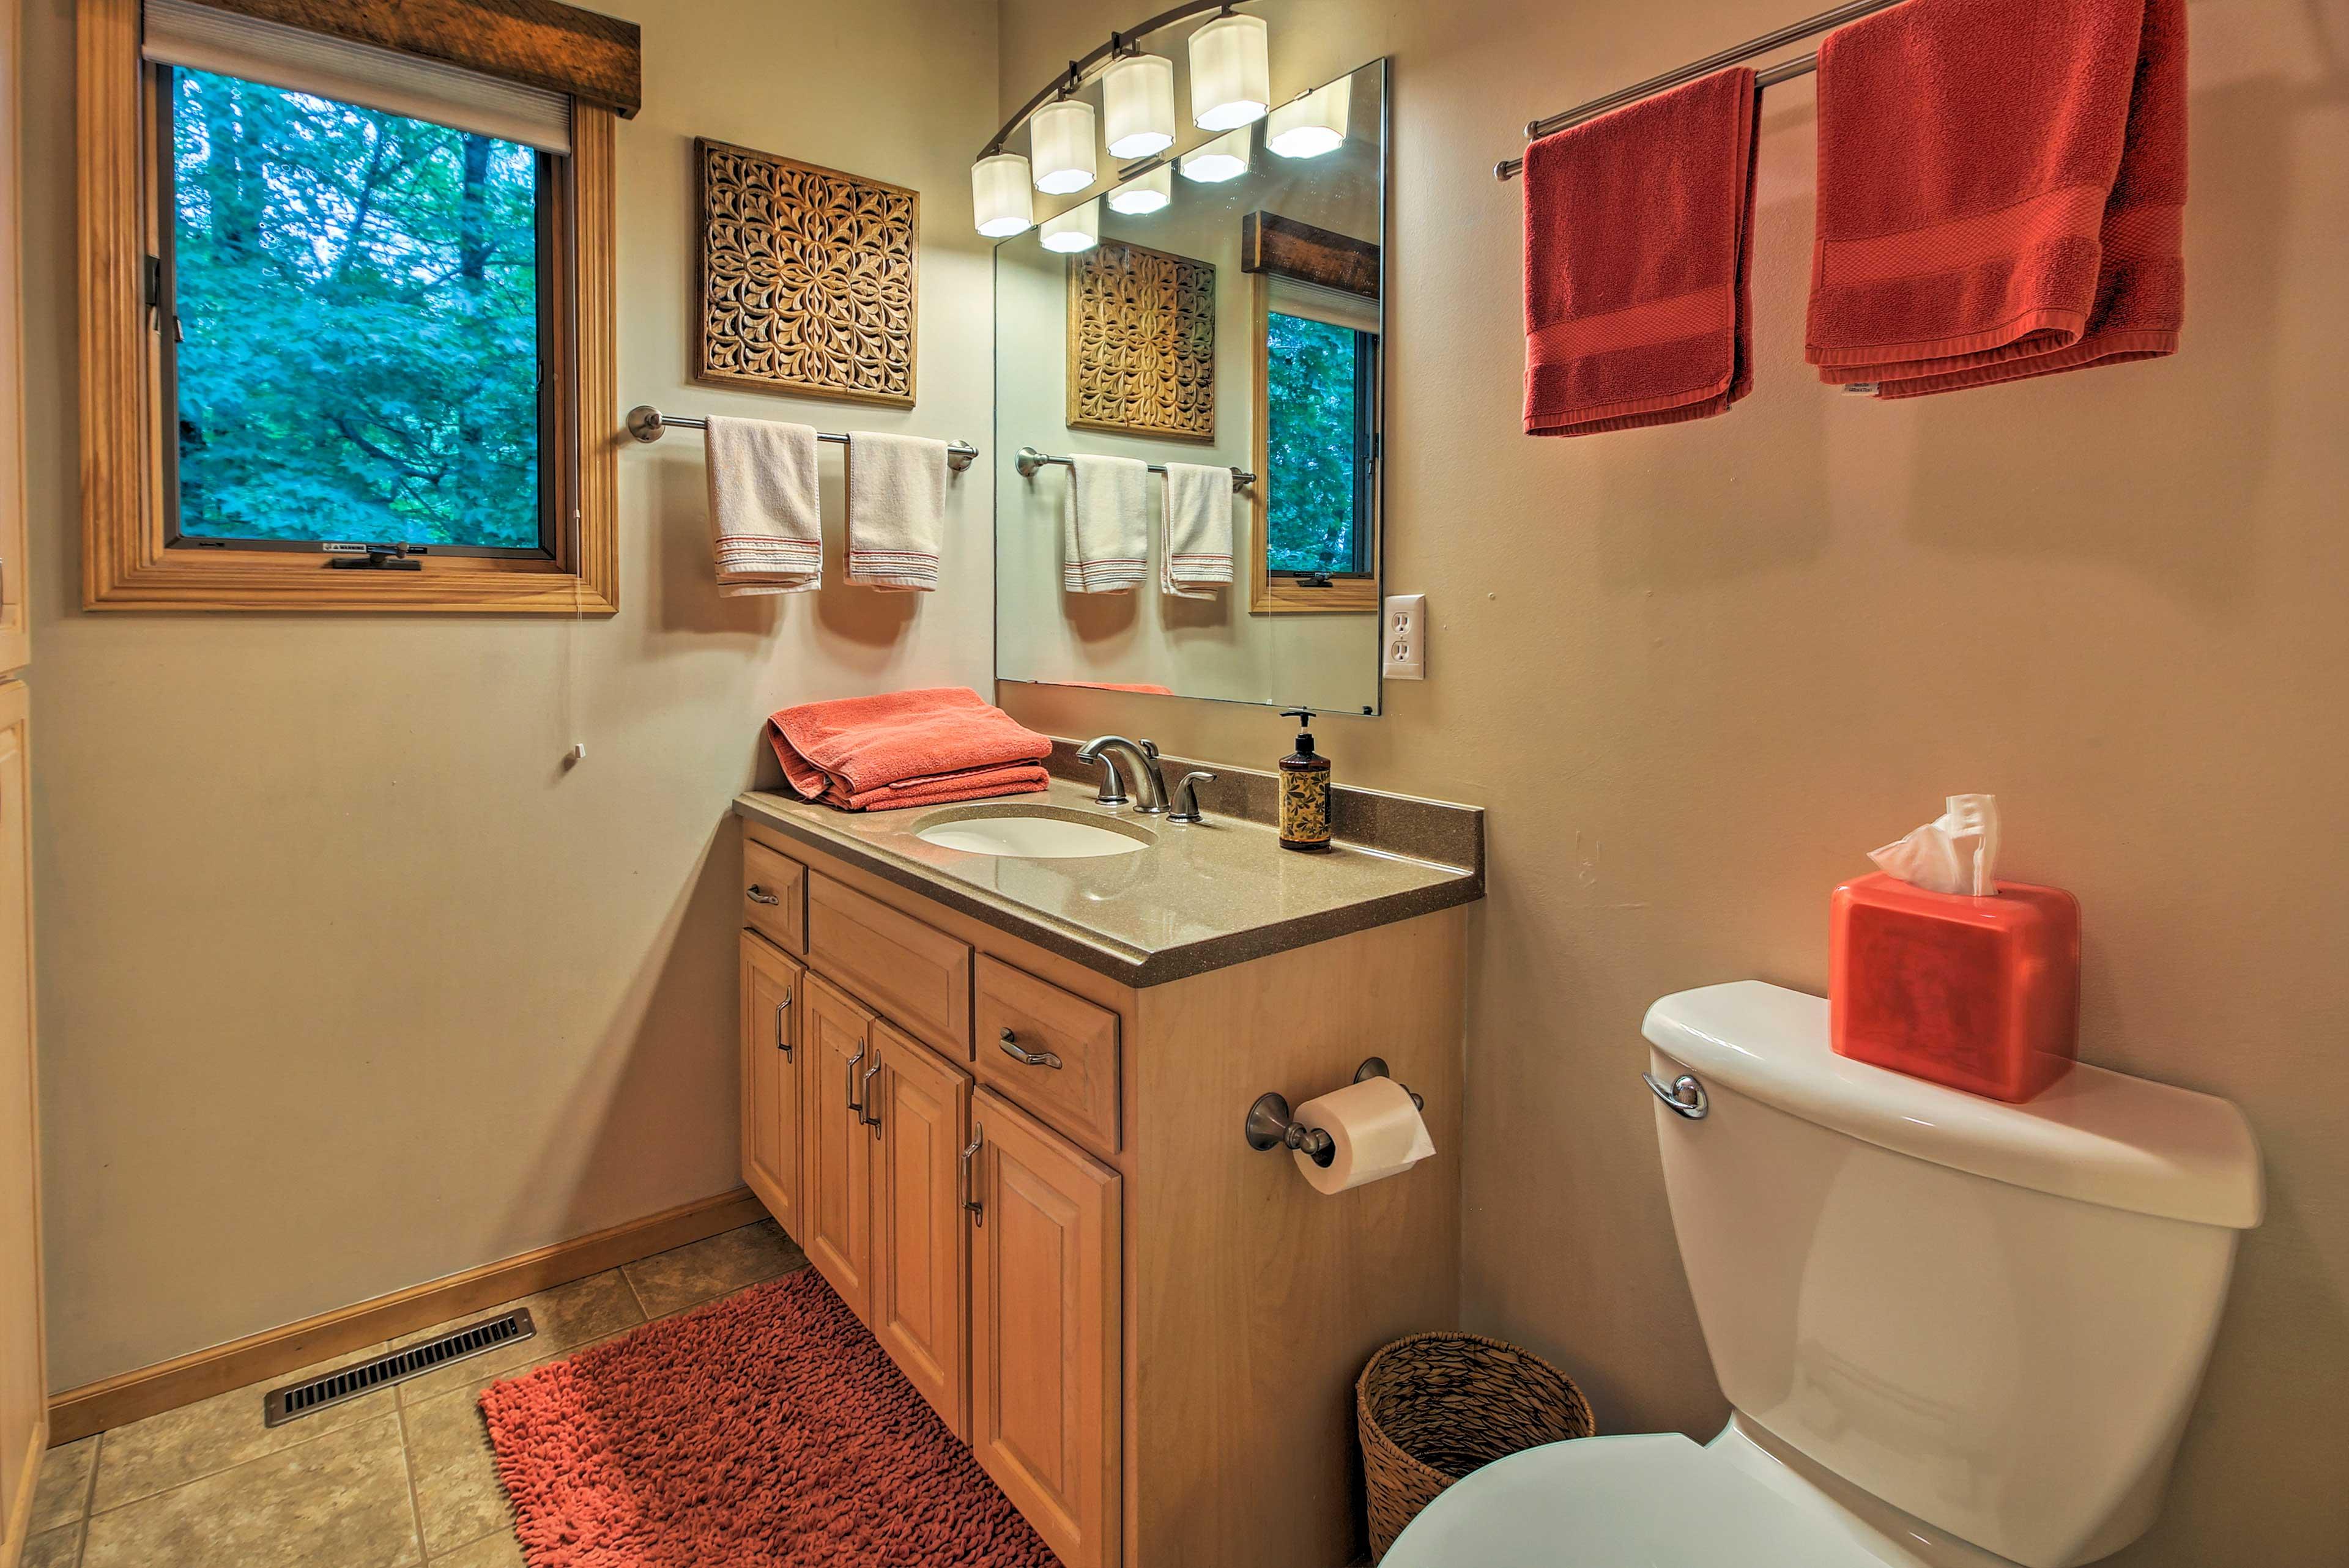 Rinse off in the en-suite master bathroom.